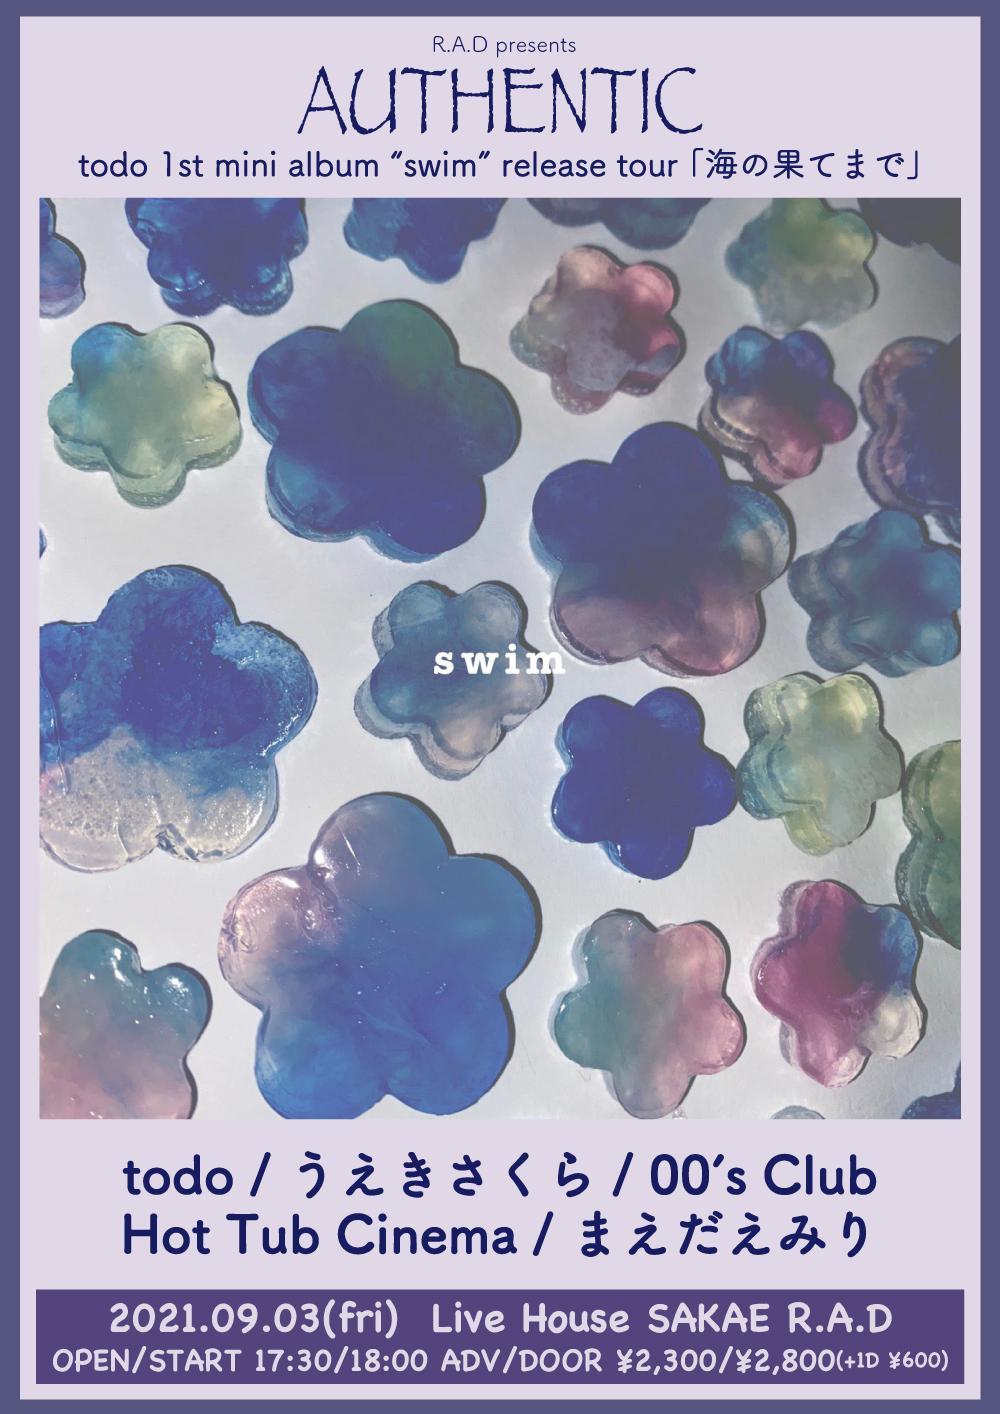 """R.A.D presents AUTHENTIC todo 1st mini album """"swim"""" release tour 「海の果てまで」"""